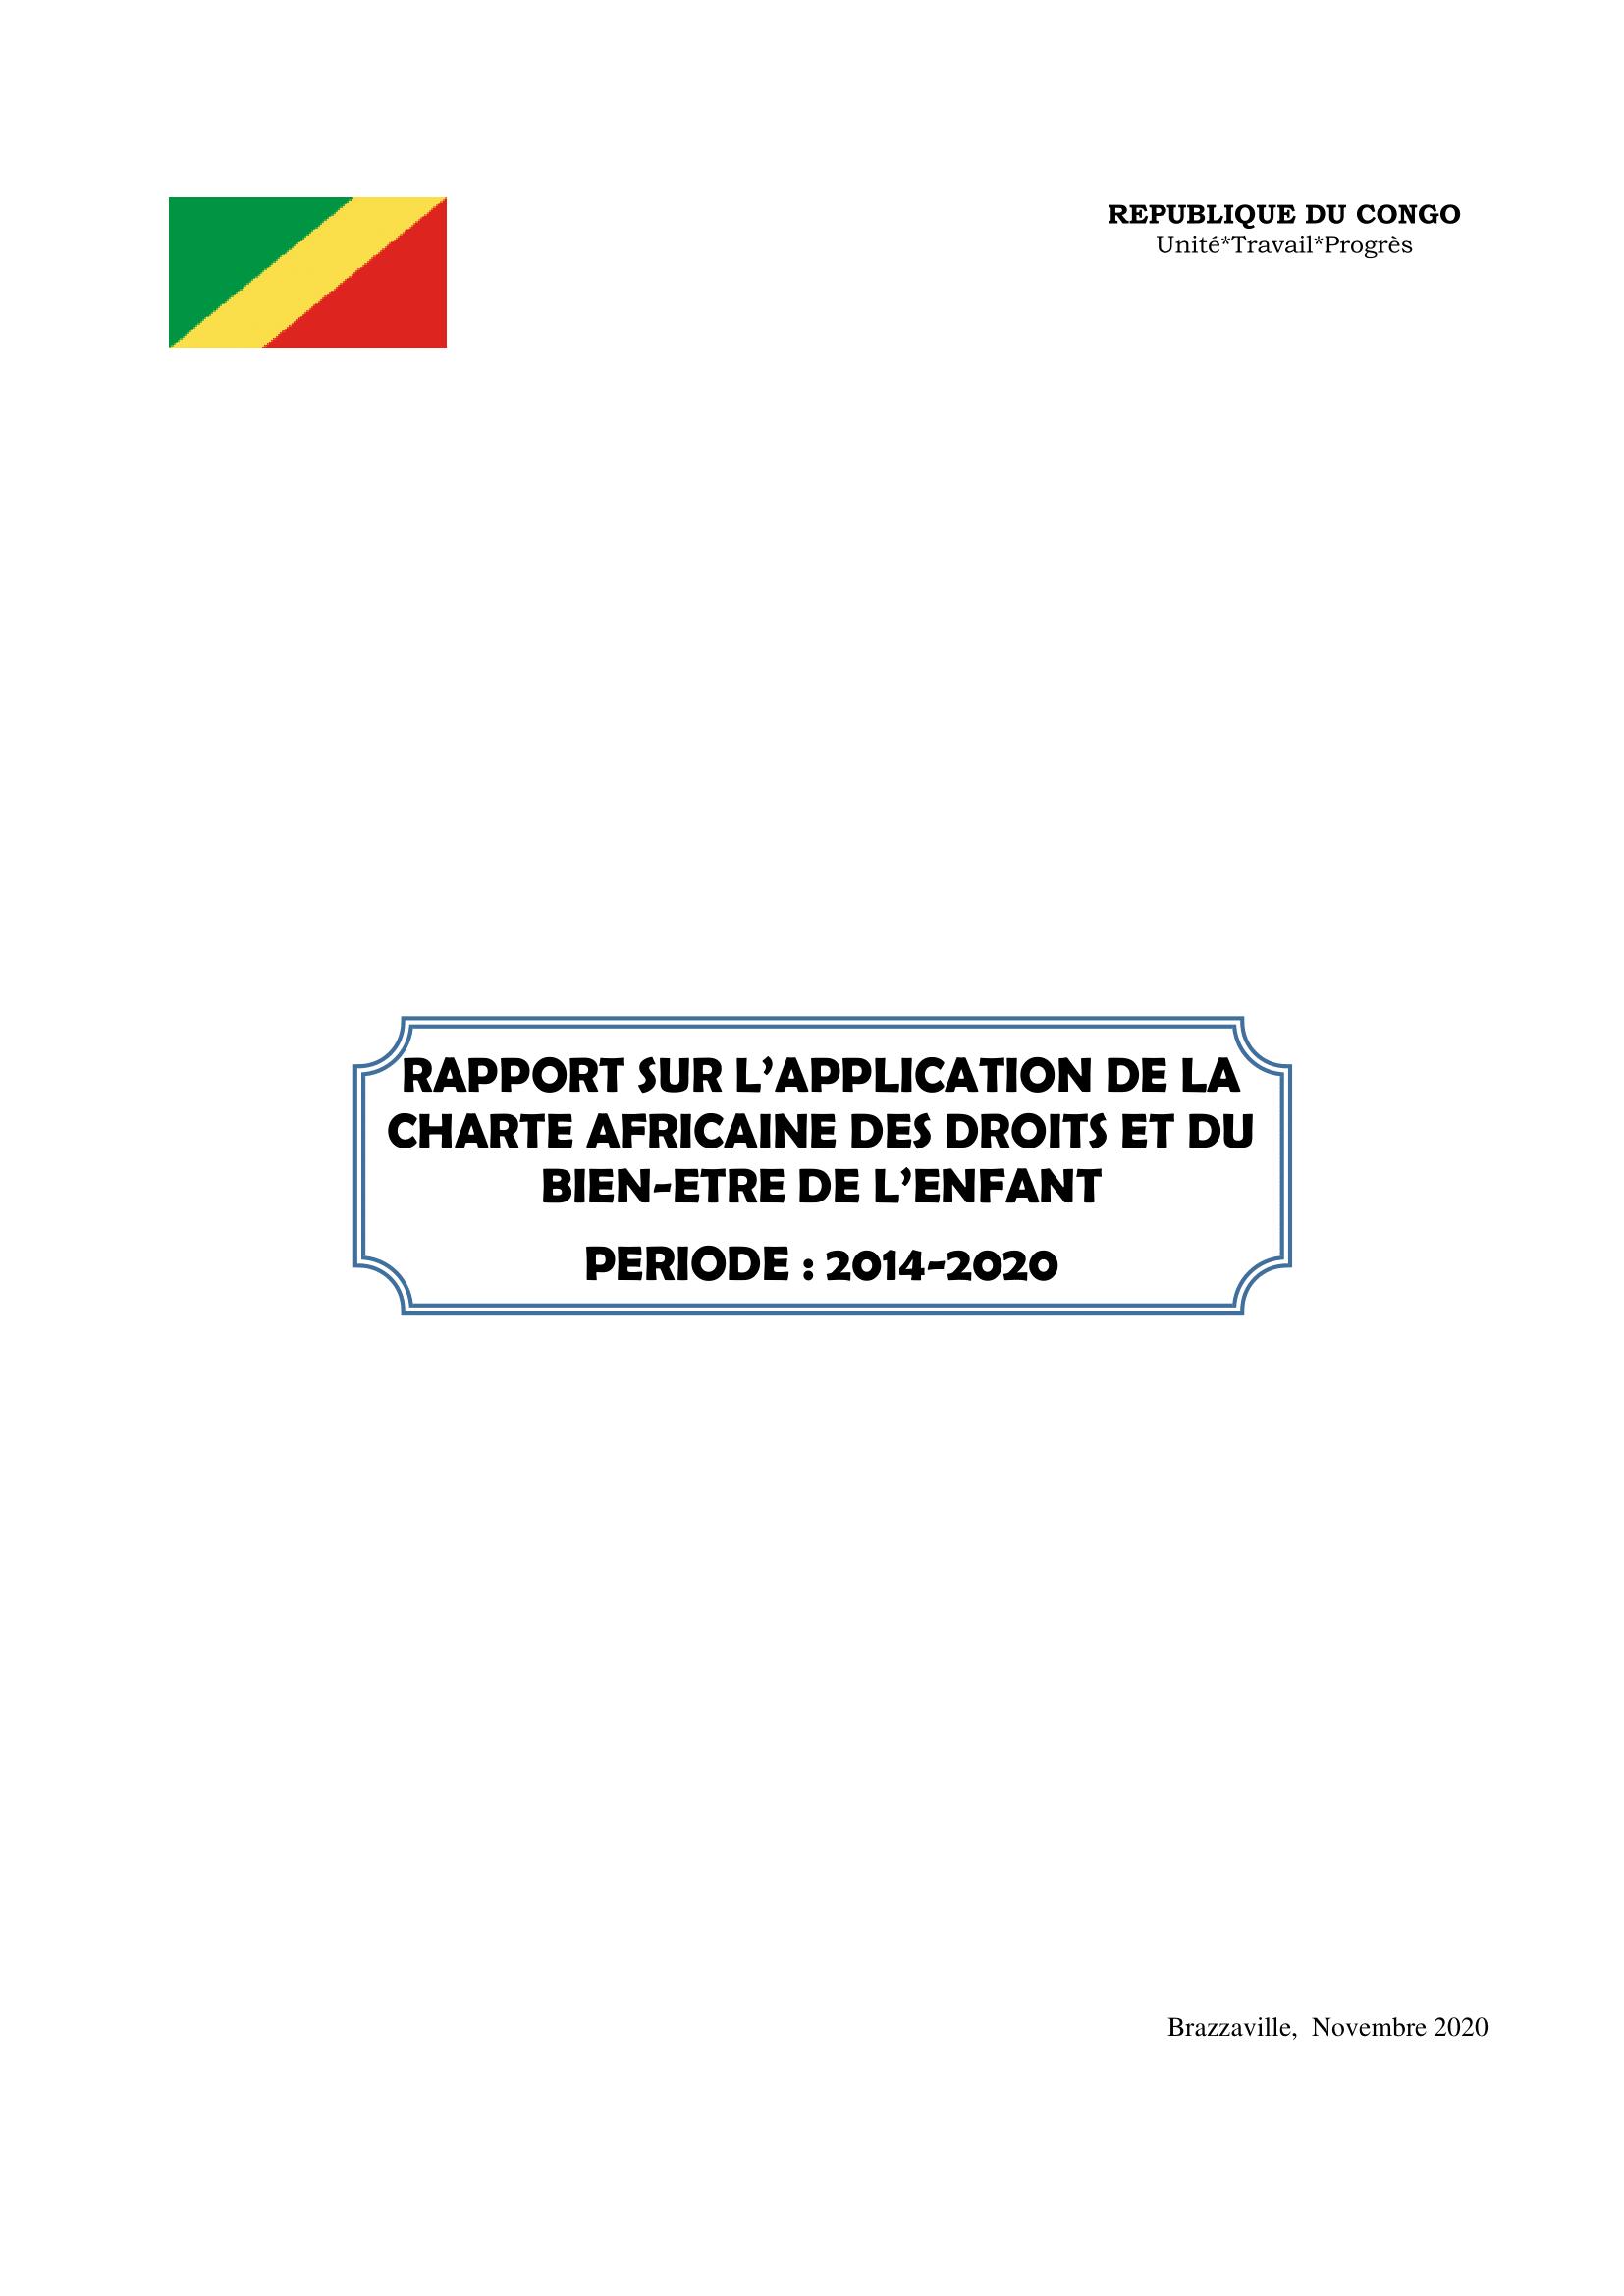 Rapport sur l'application de la charte africaine des droits et du bien-être de l'enfant : 2014-2020